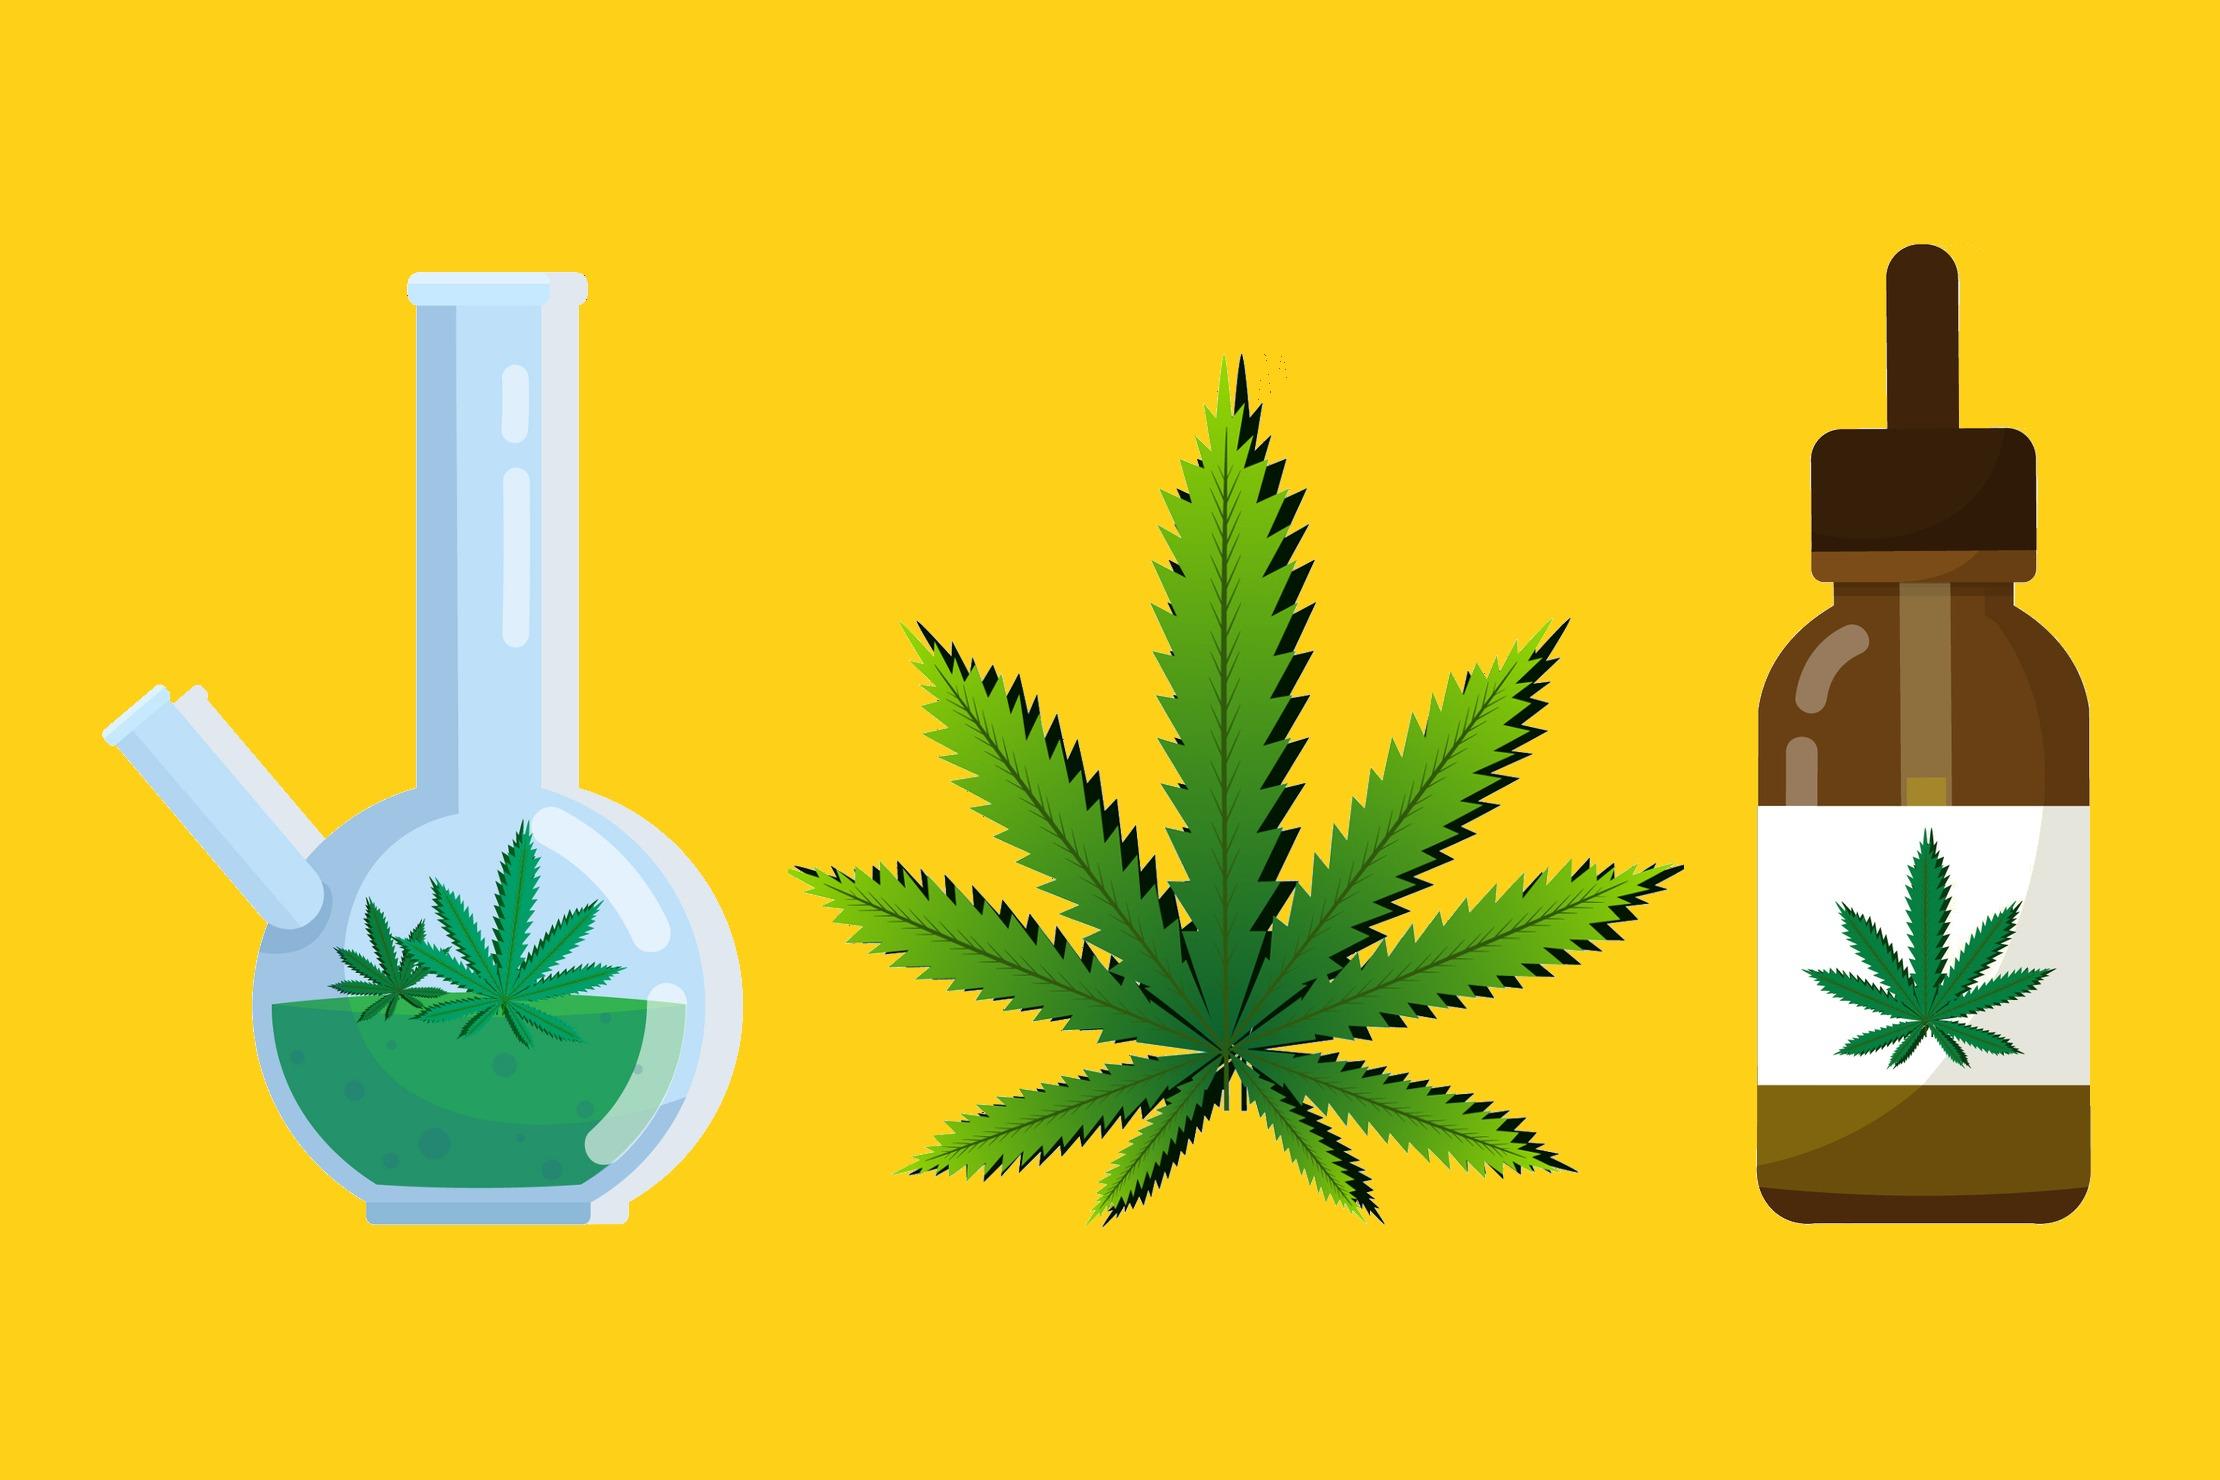 La consommation de cannabis est permise au Canada, mais elle n'est pas inoffensive. Pour éviter de mauvaises surprises, il vaut mieux s'informer.